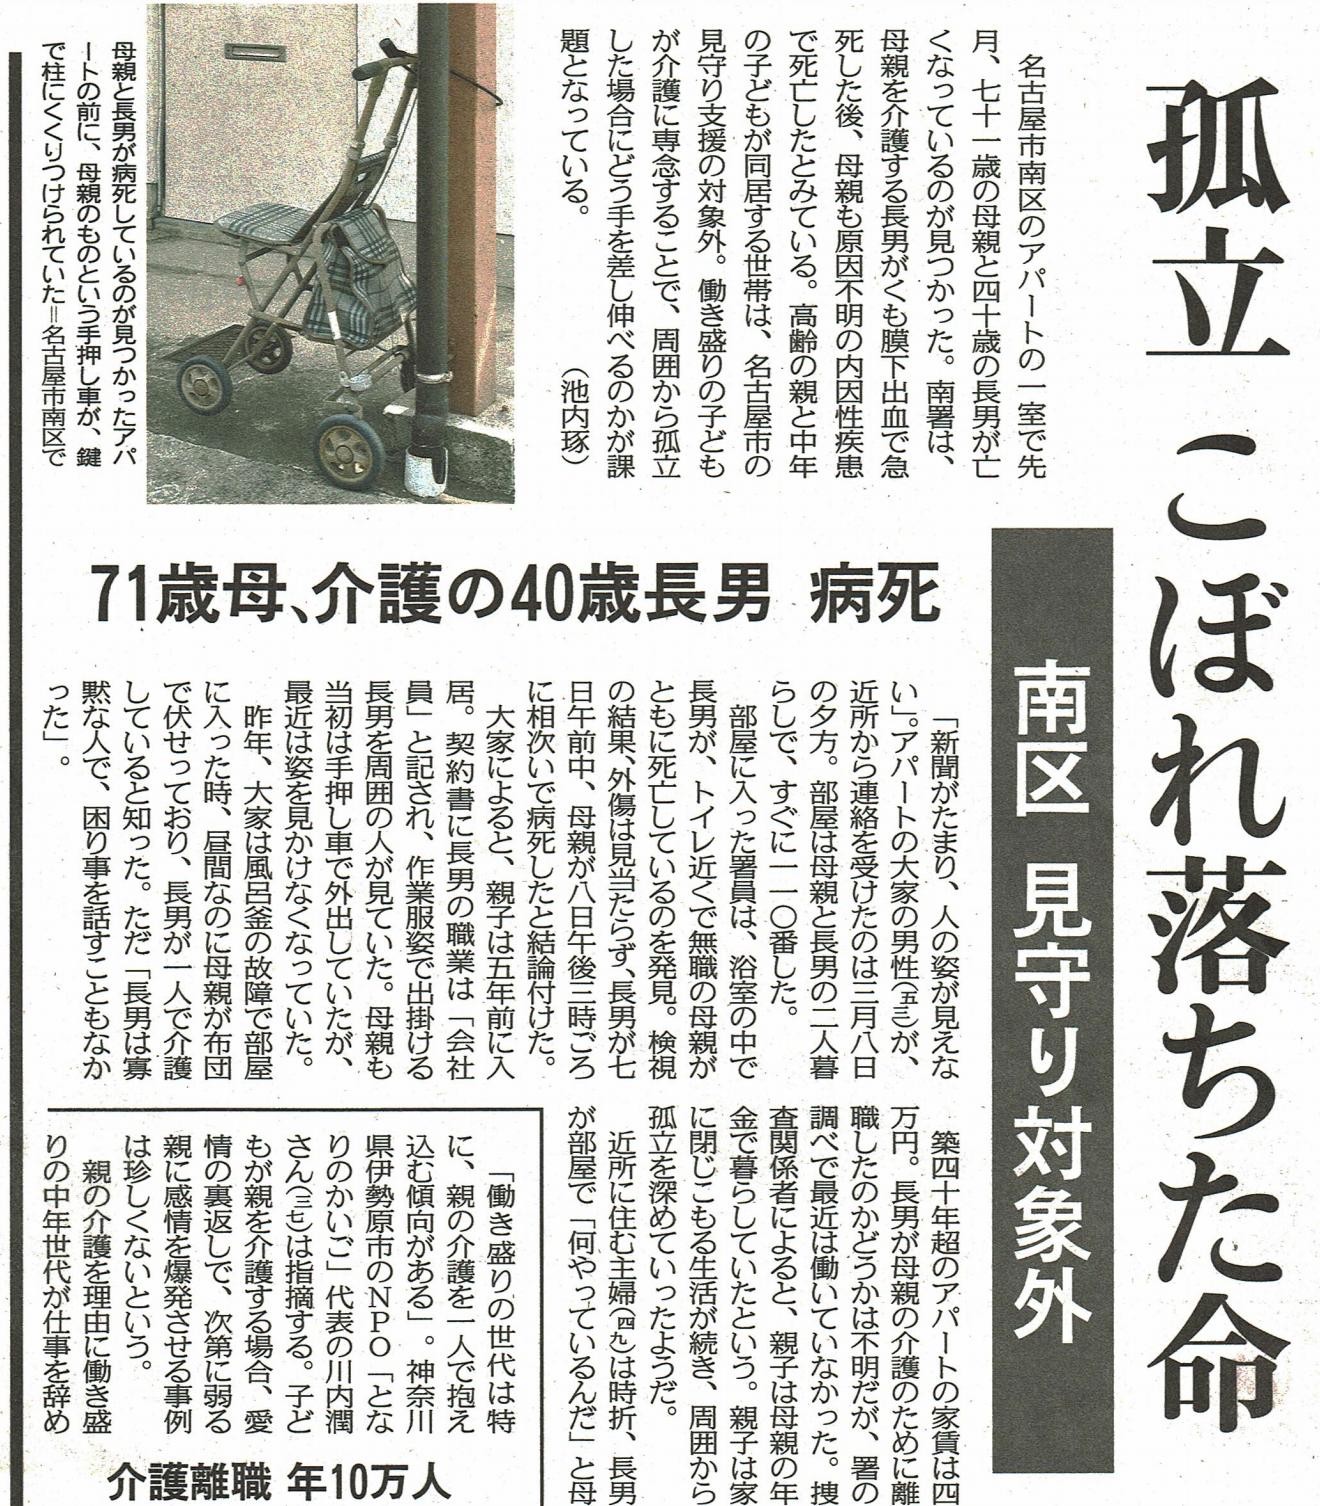 中日新聞 孤立『こぼれ落ちた命』